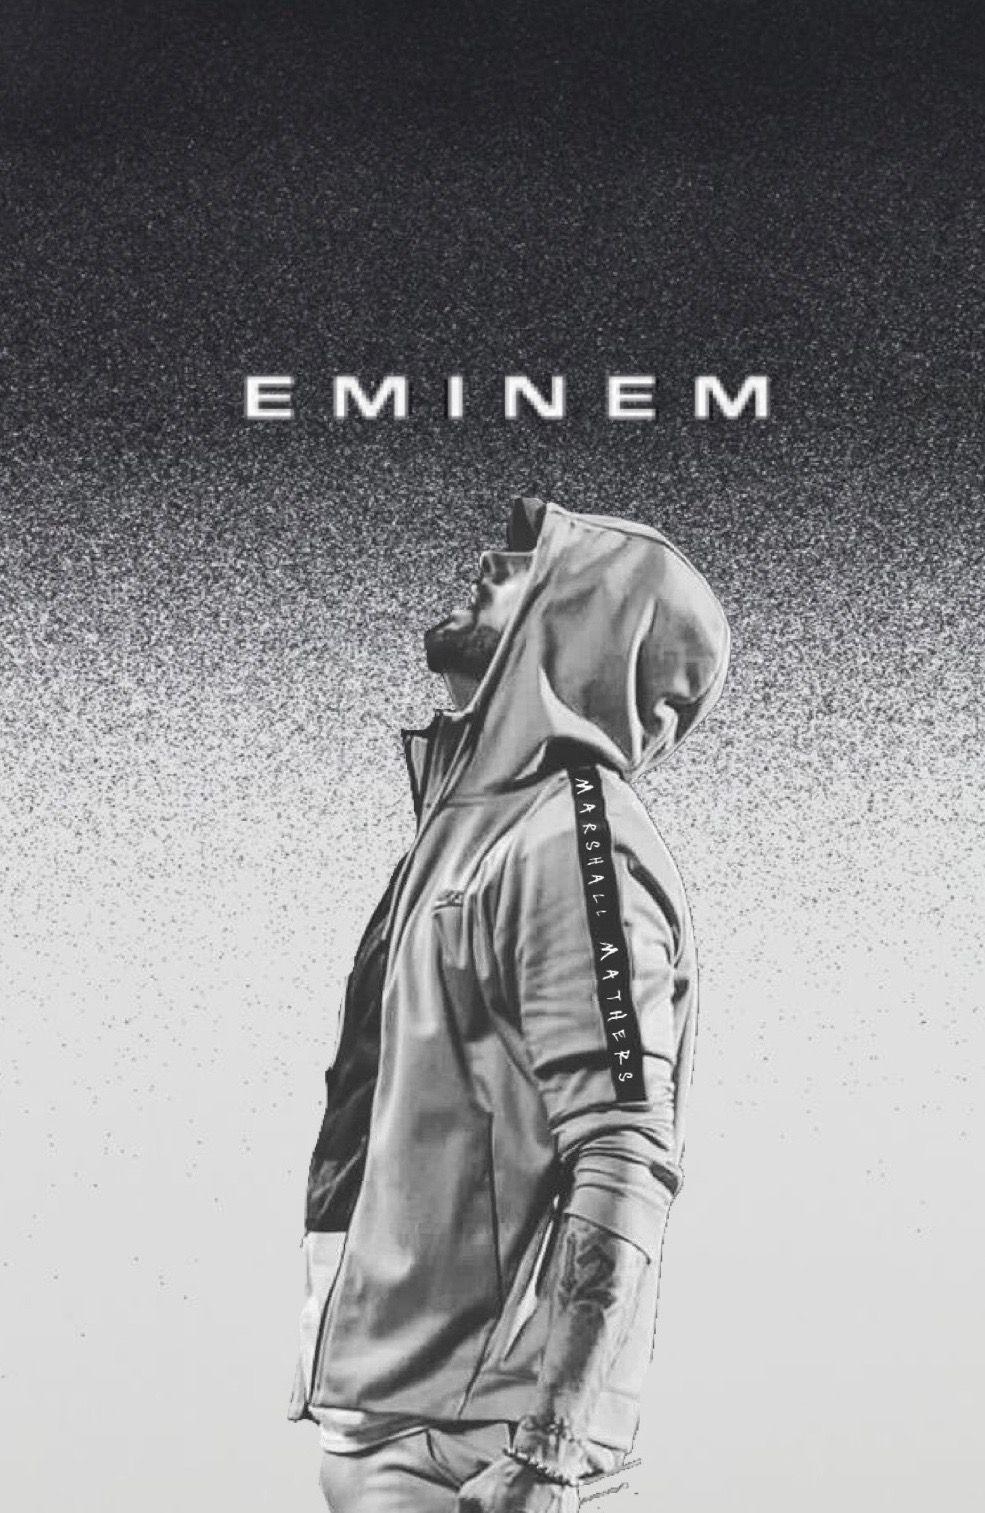 Eminem Wallpaper Eminem Wallpapers Eminem Eminem Rap